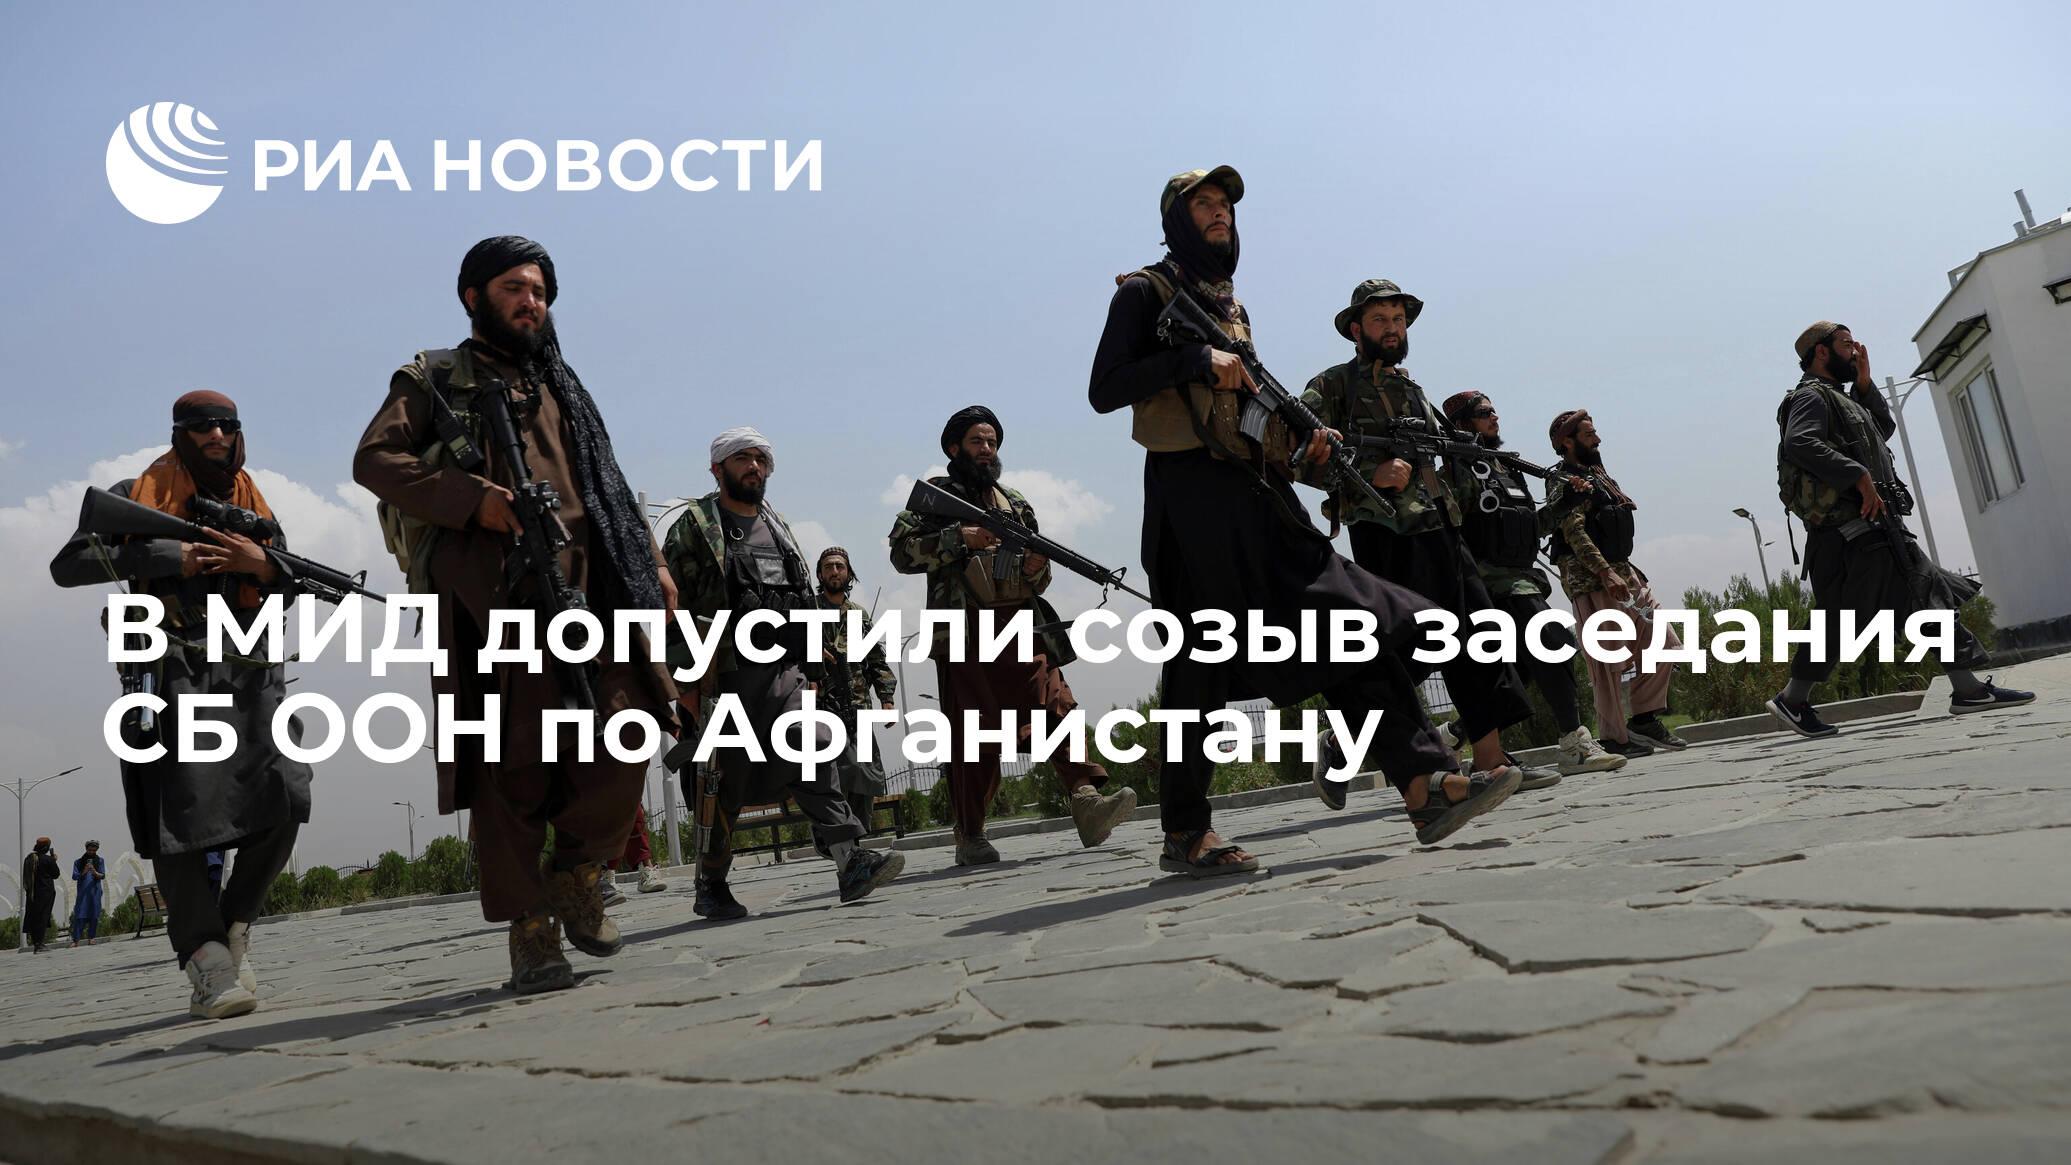 В МИД допустили созыв заседания СБ ООН по Афганистану